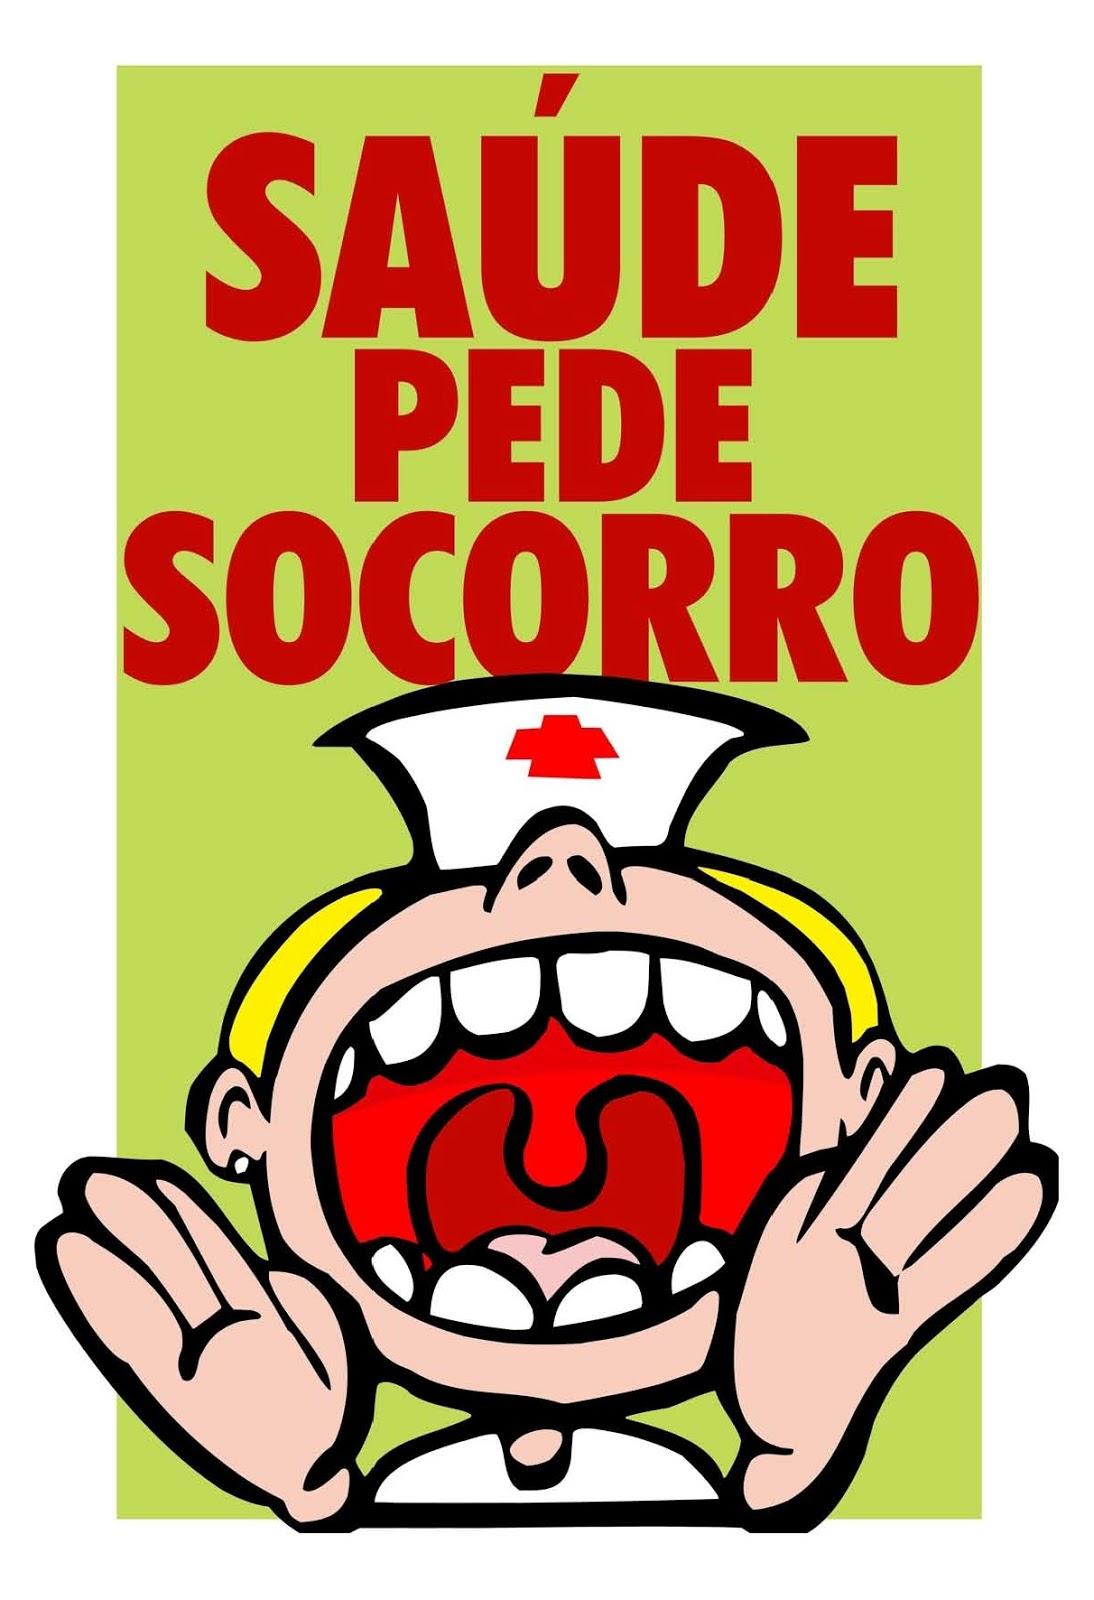 saude_publica_pede_socorro_recorte1.jpg